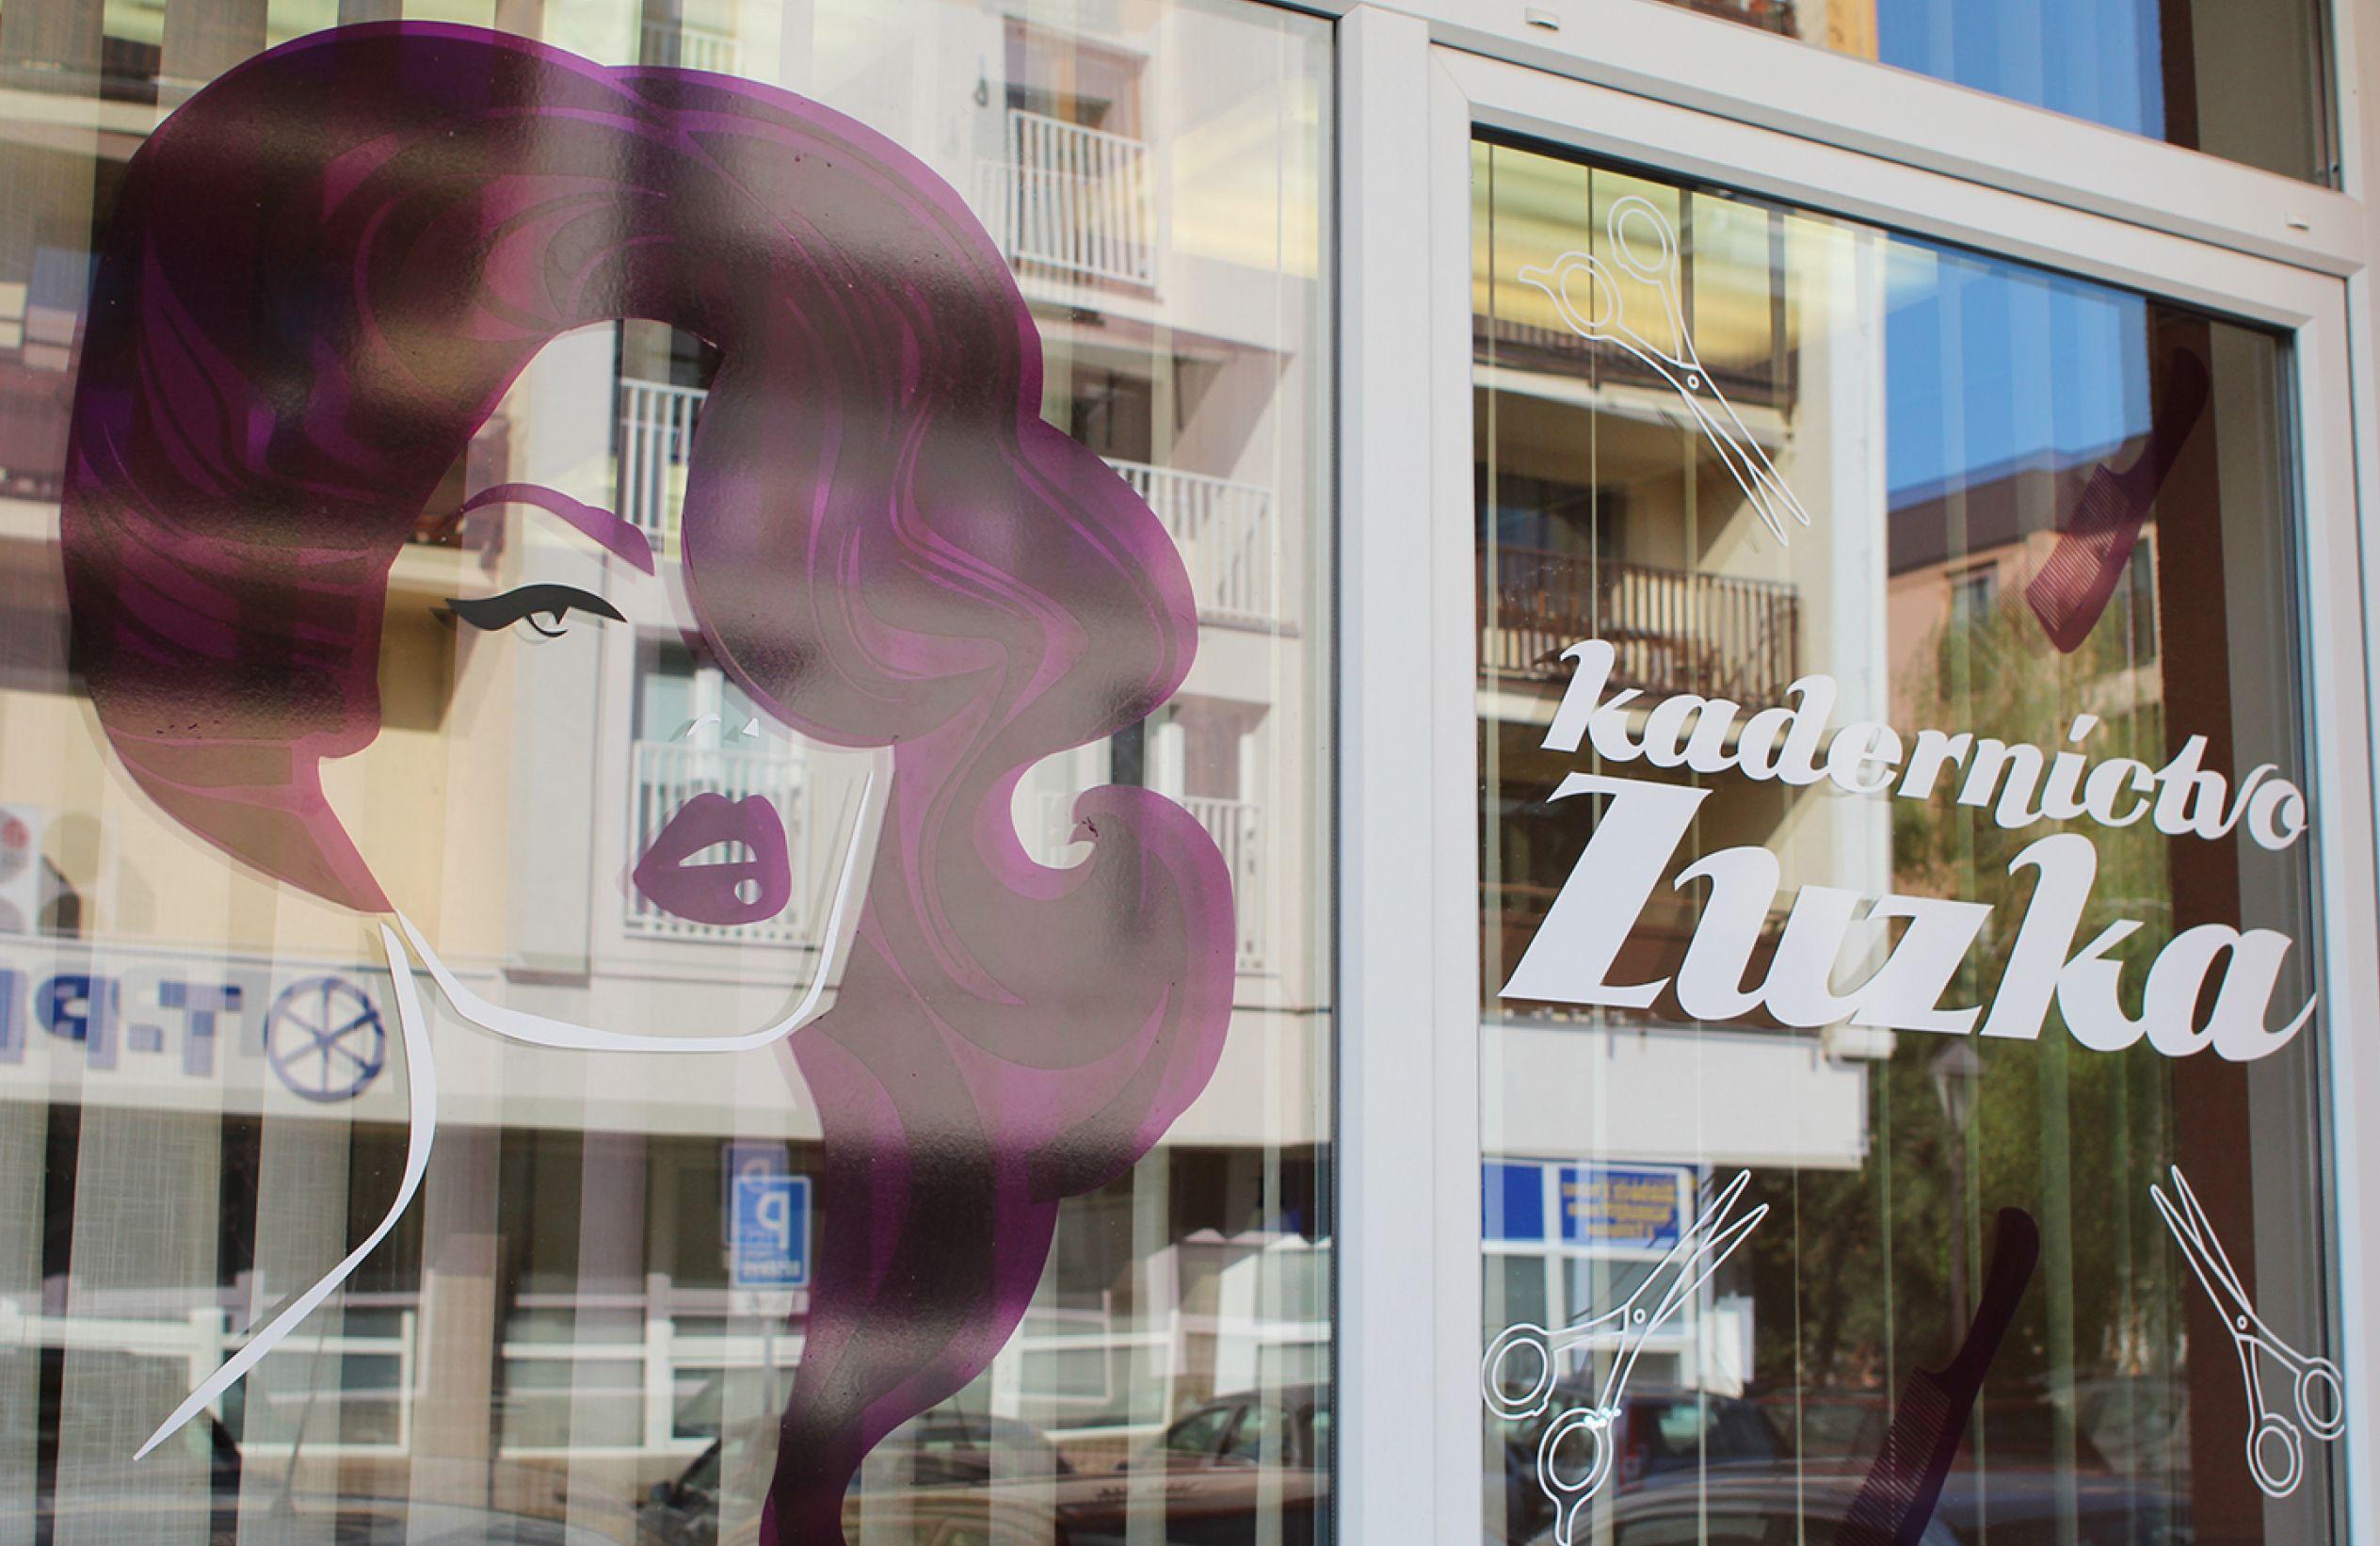 Kaderníctvo Zuzka branding novej predajne